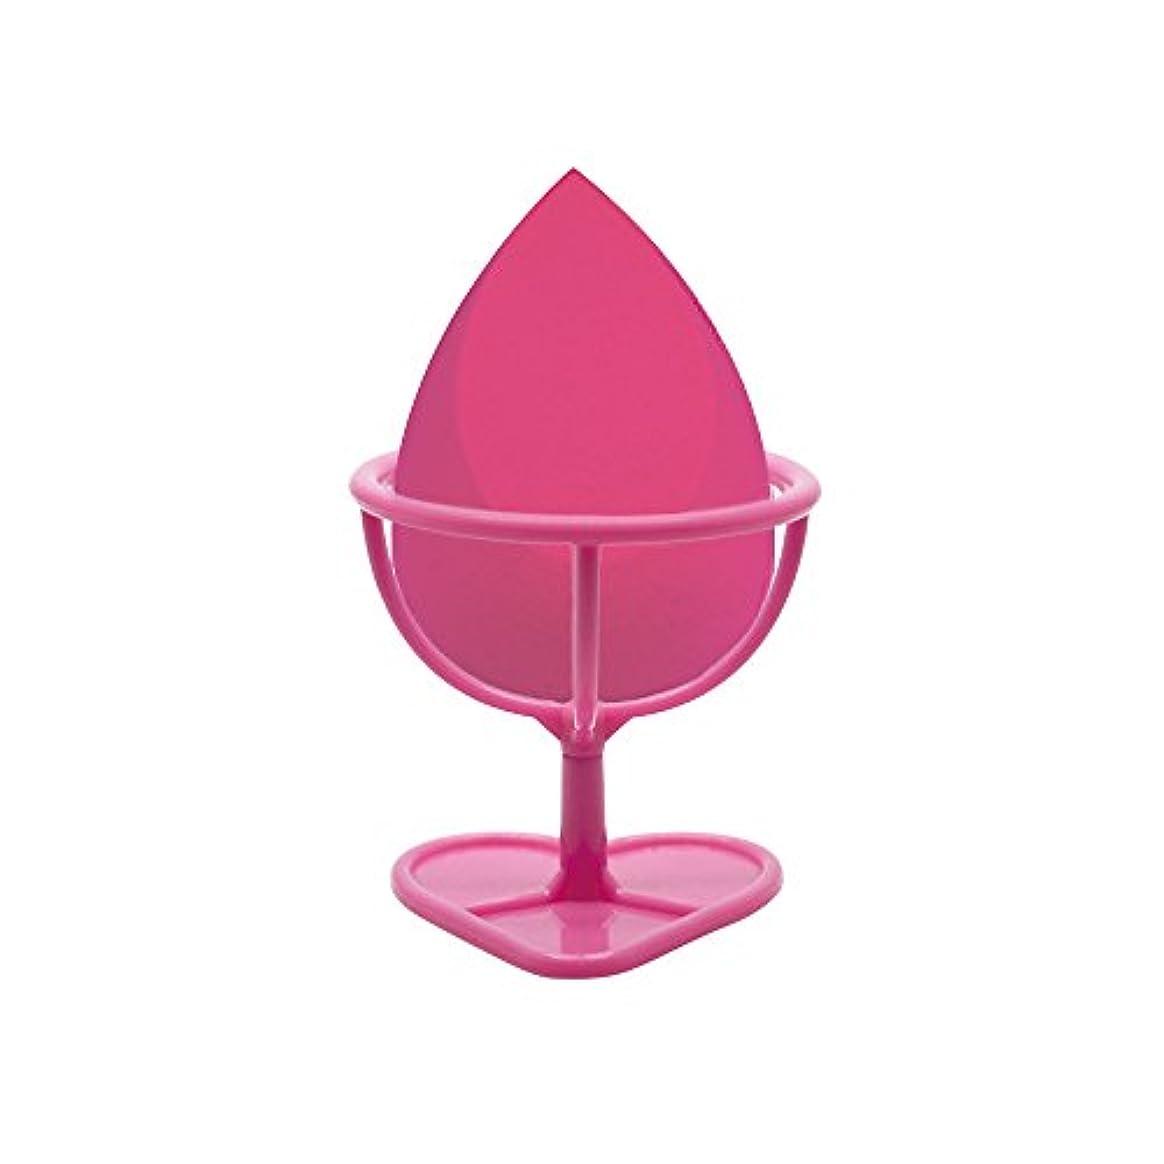 意気消沈したお金ゴムいうHeybeauty メイクスポンジ 斜めカット?卵型 化粧パフ ボックス付き パフ乾燥用スタンド付き ローズレッド